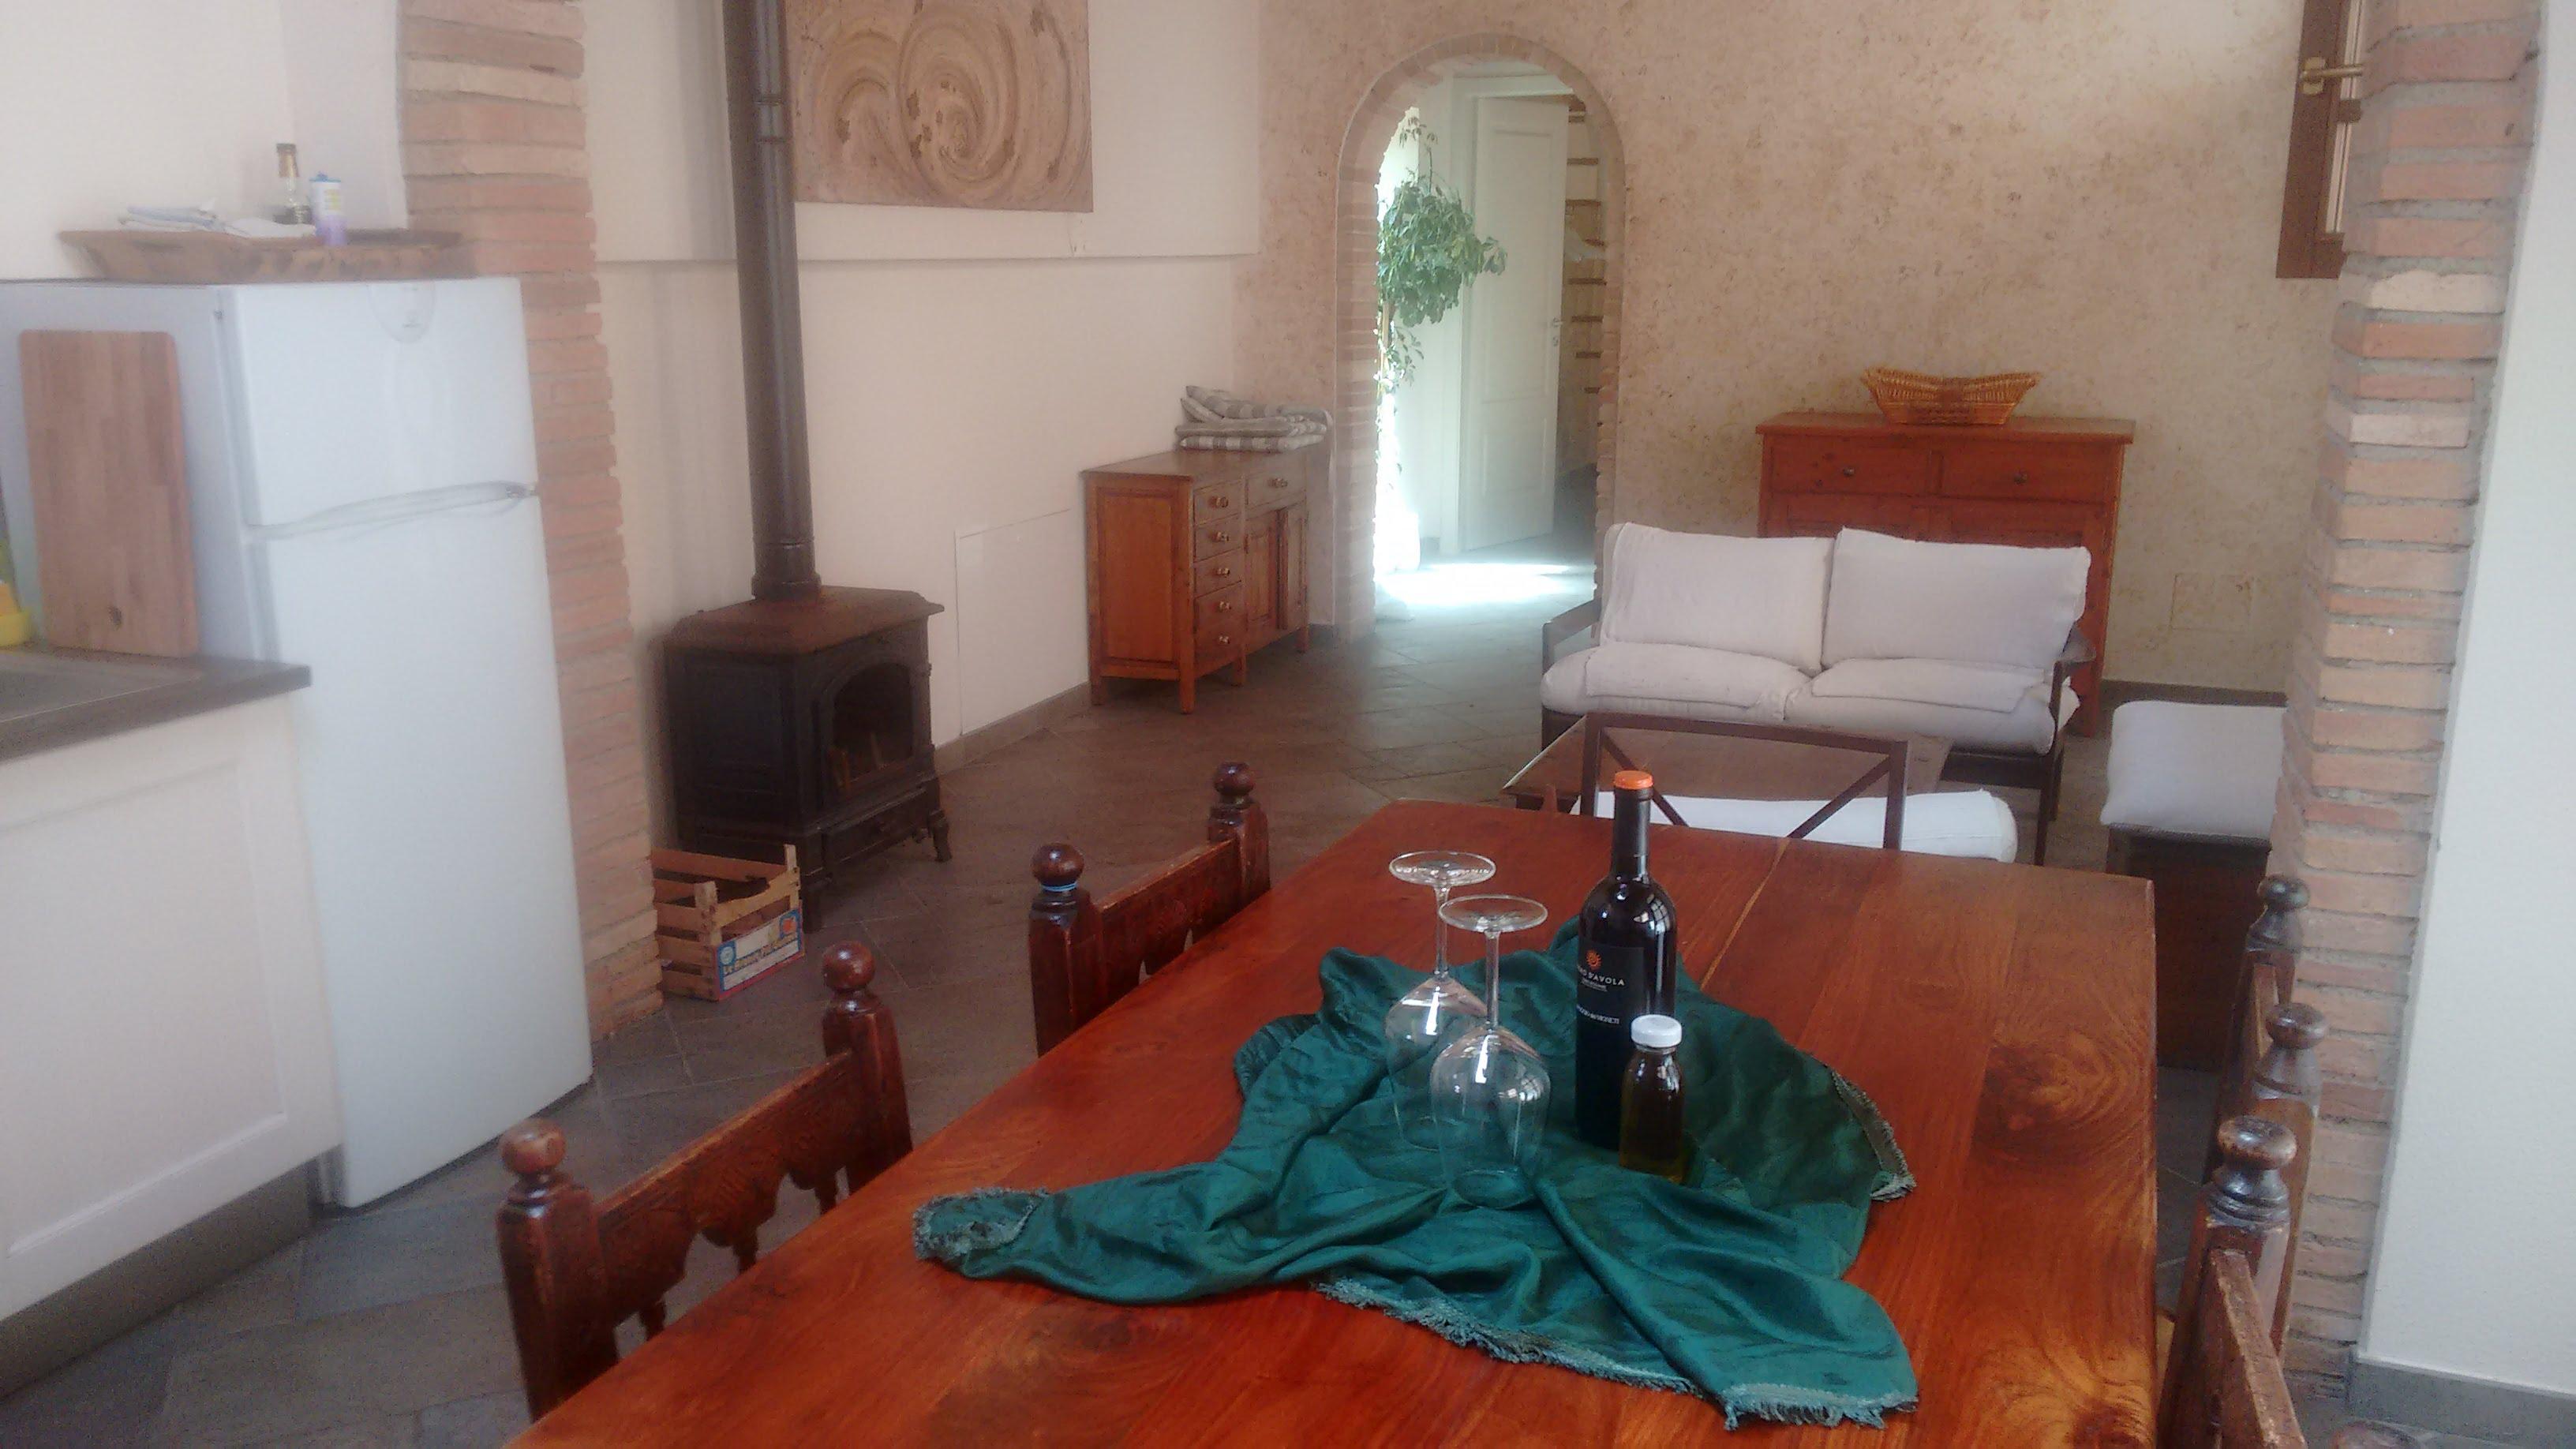 Ferienwohnungen und Ferienhäuser - Italien, Toskana. Pisa Florenz